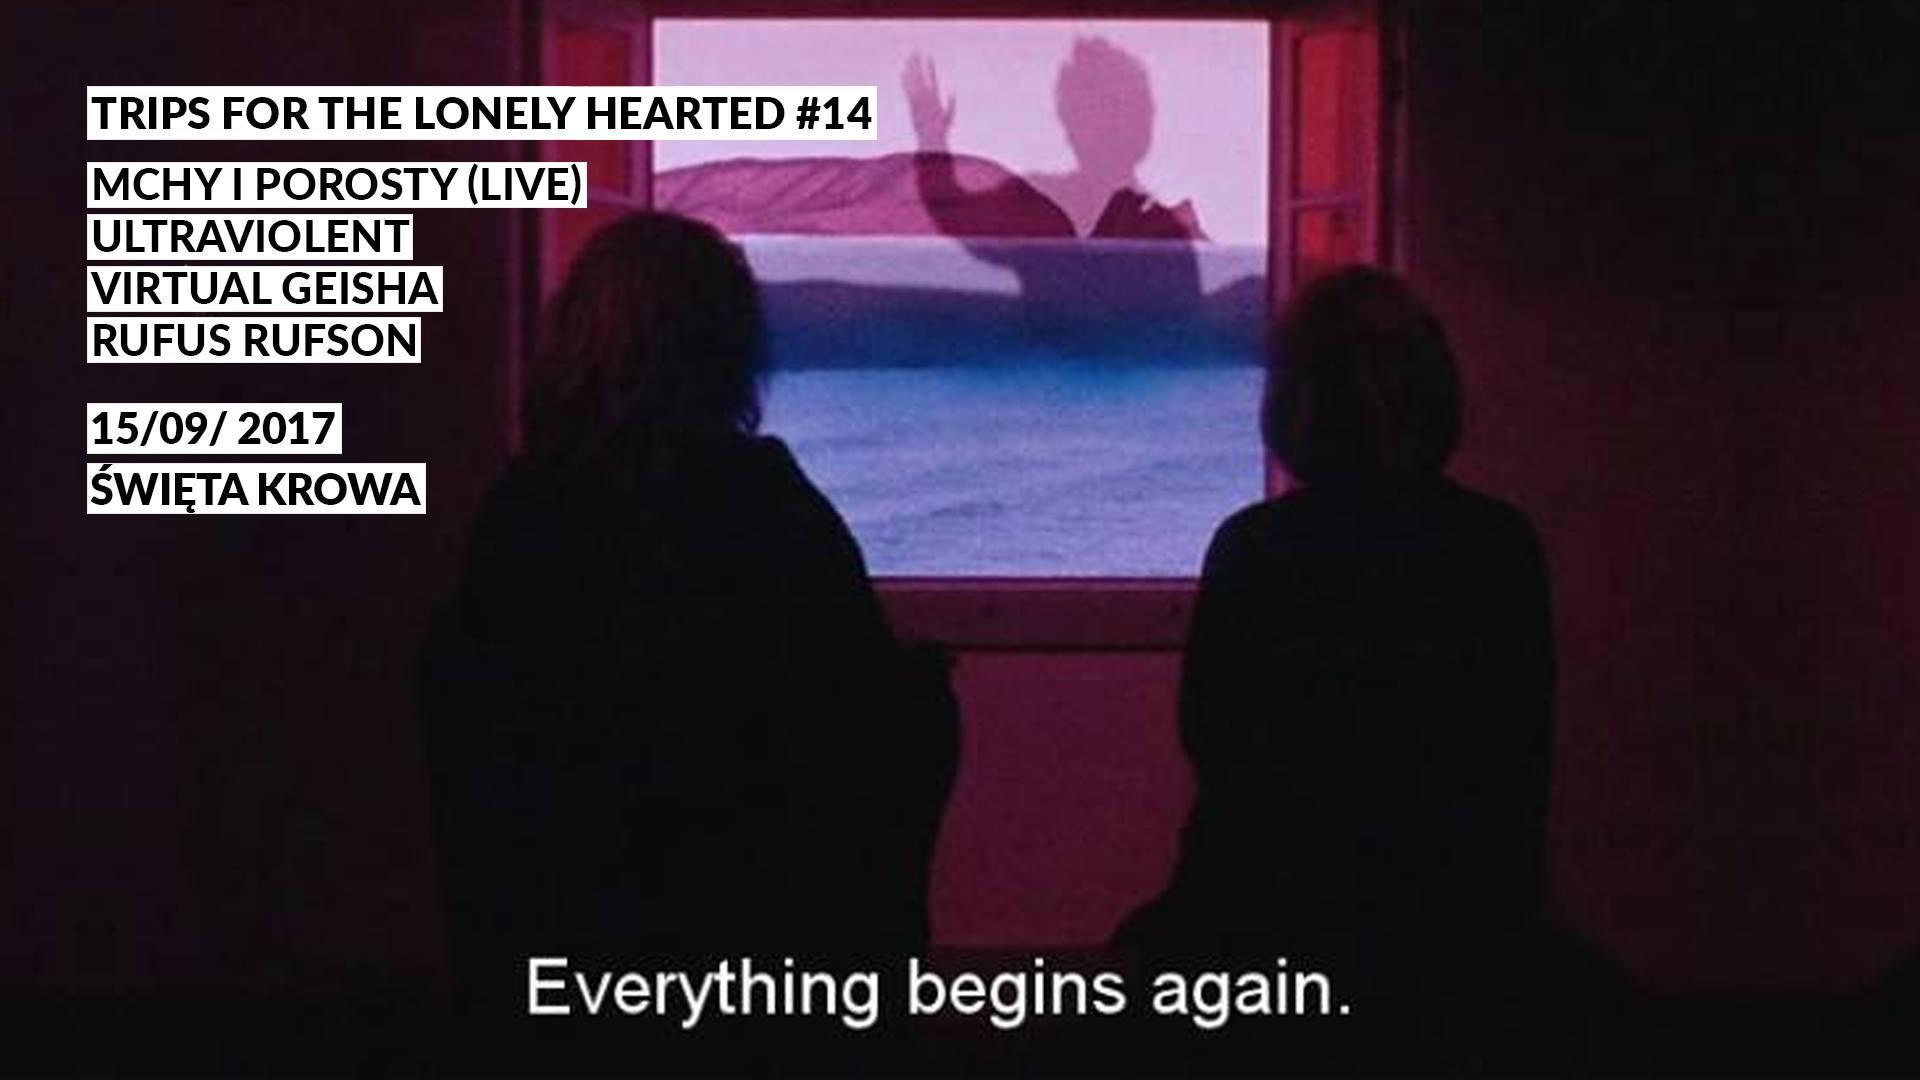 Trips for The Lonely Hearted (źródło: materiały prasowe organizatora)